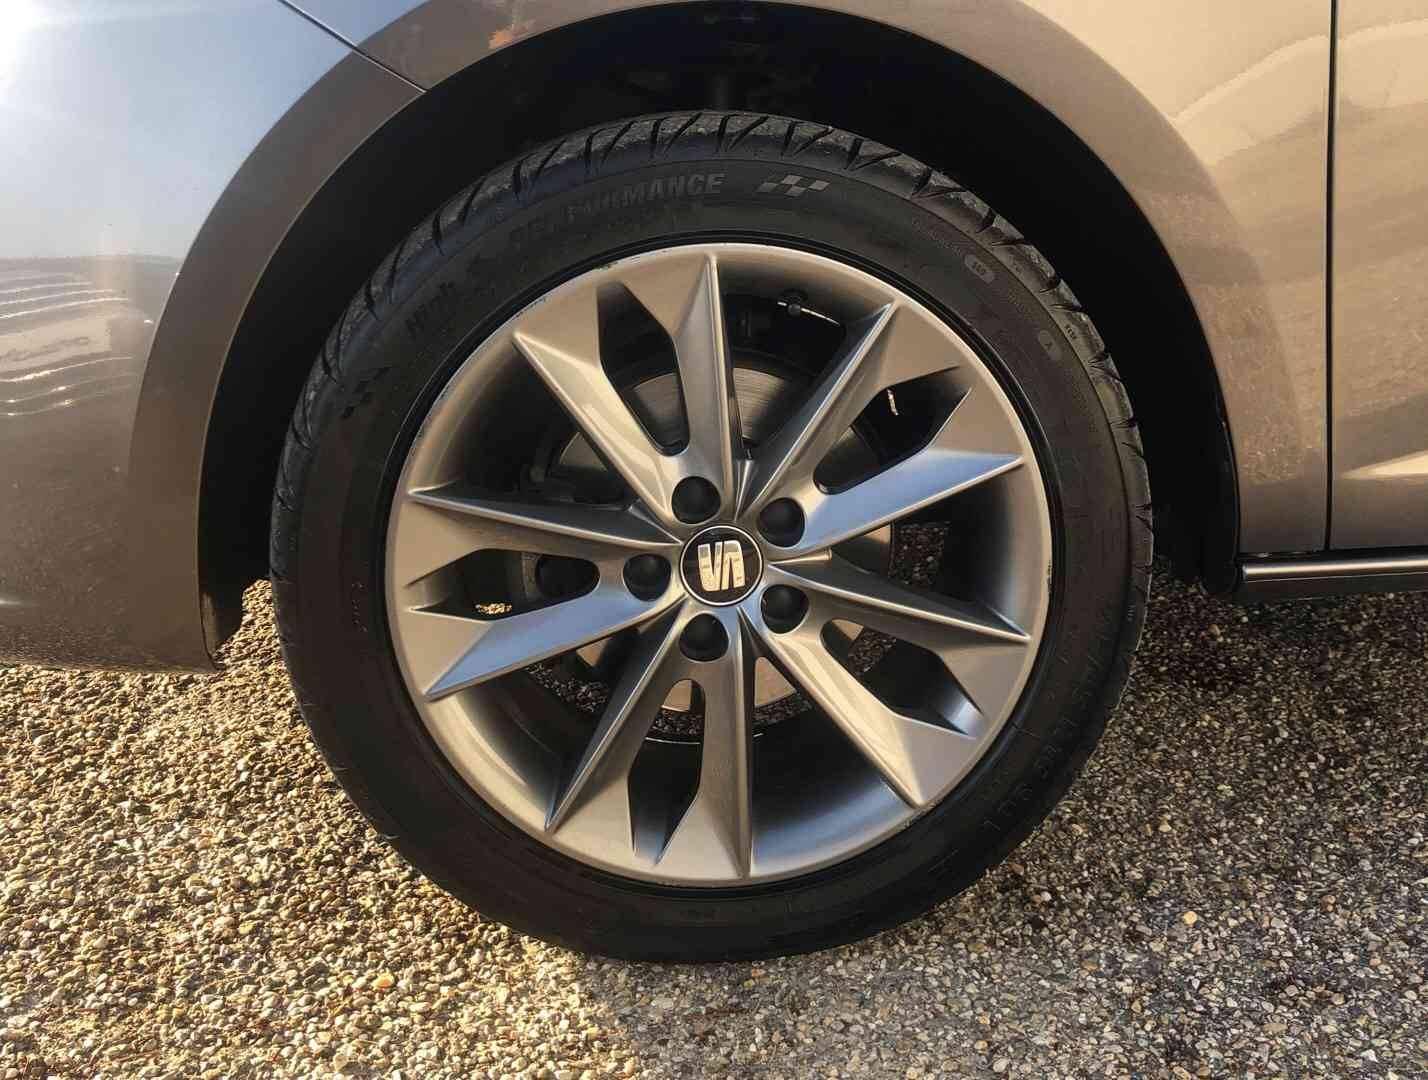 3 - Ibiza SC 1.6 TDI 90 ch CR